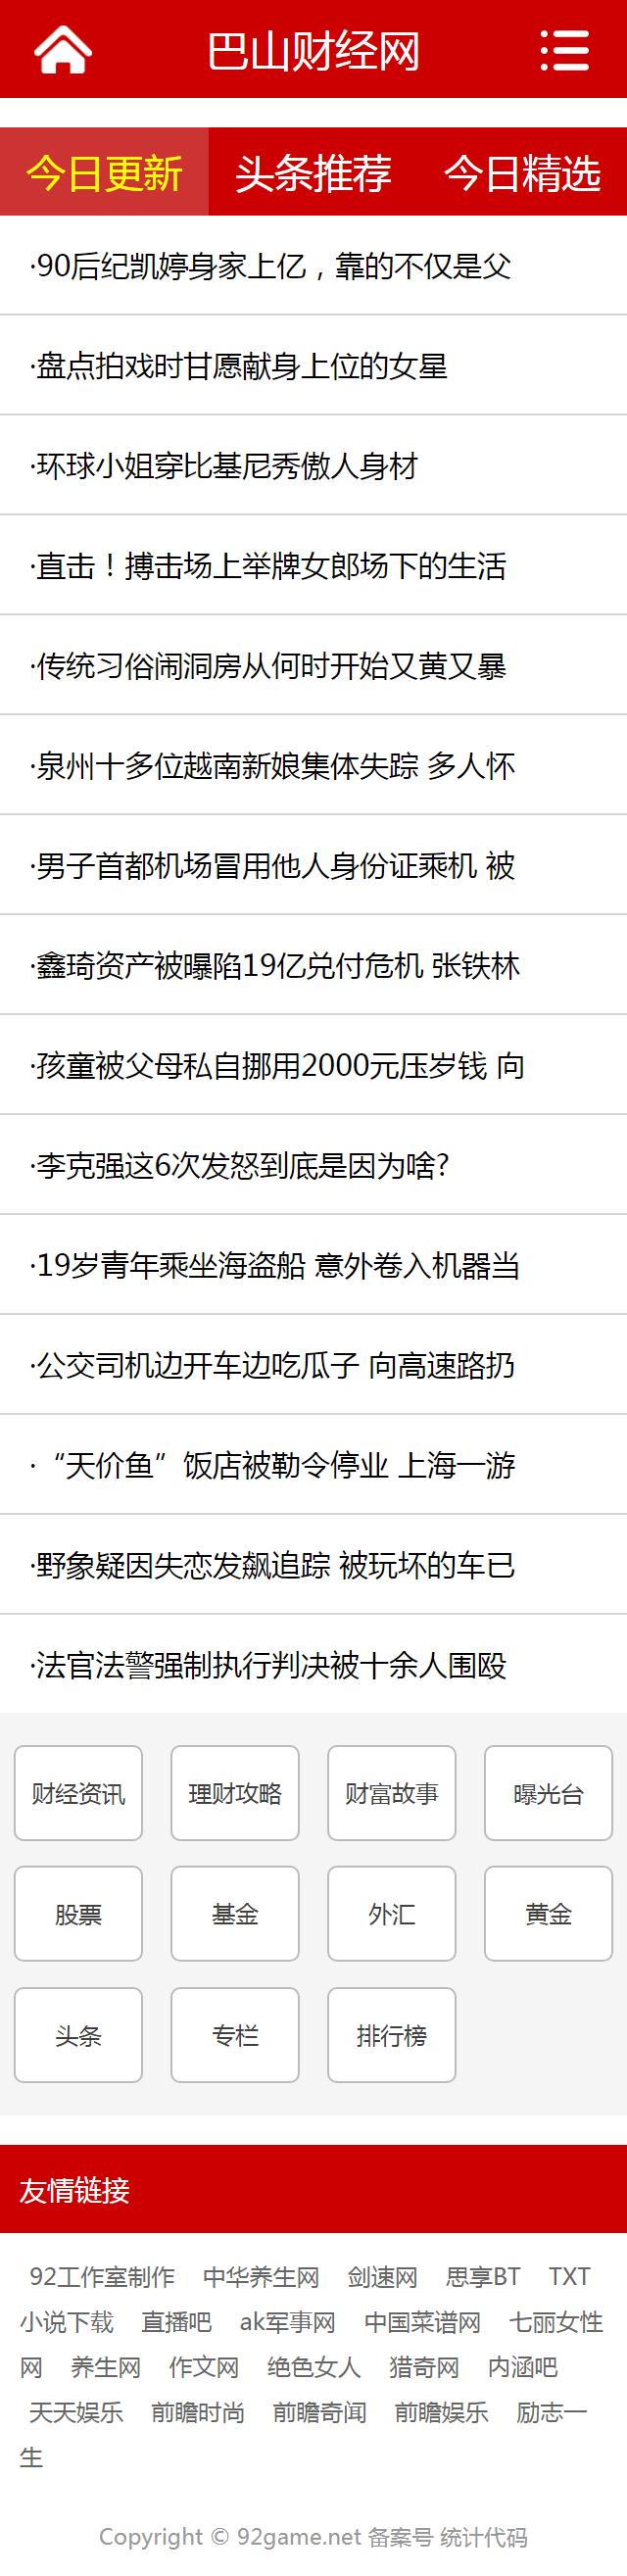 92kaifa仿《巴山财经》财经资讯 帝国CMS最新运营版源码PC+手机版 带火车头采集 第3张